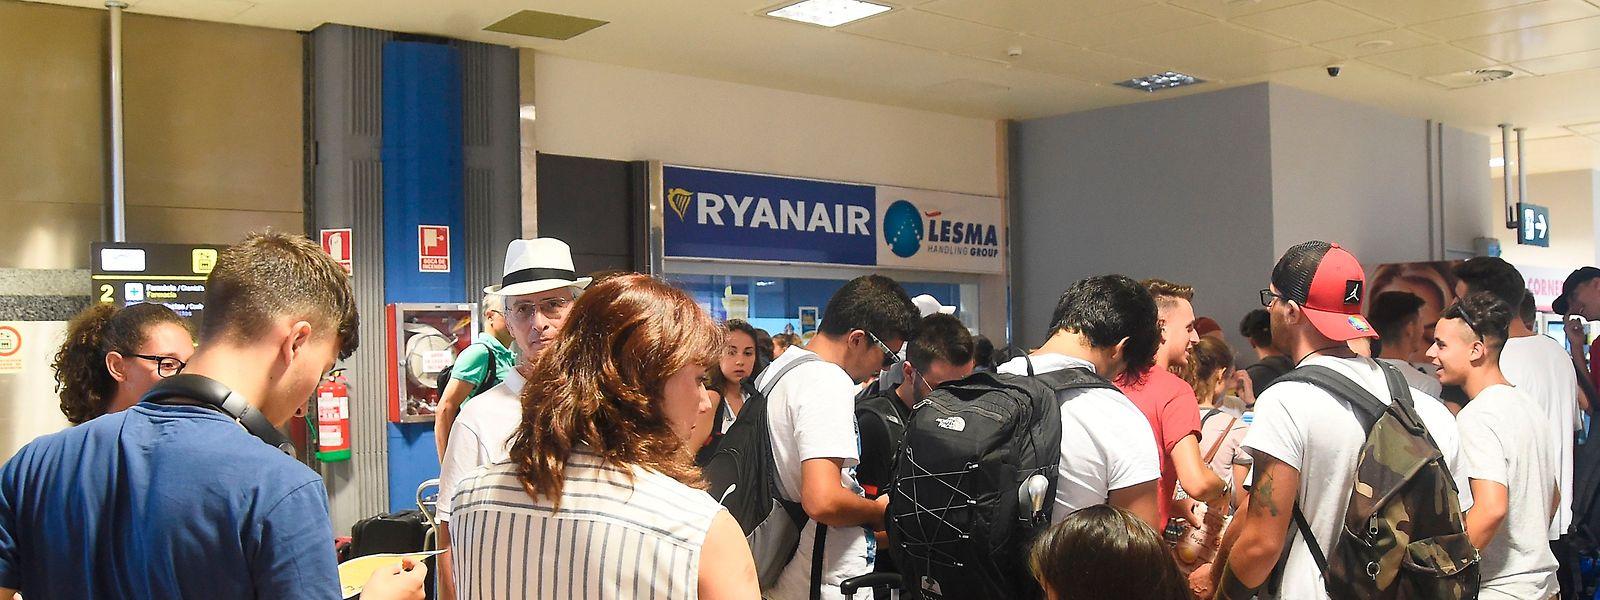 Wie hier in Valencia, mussten sich zahlreiche Ryanair-Passagiere in Geduld üben.